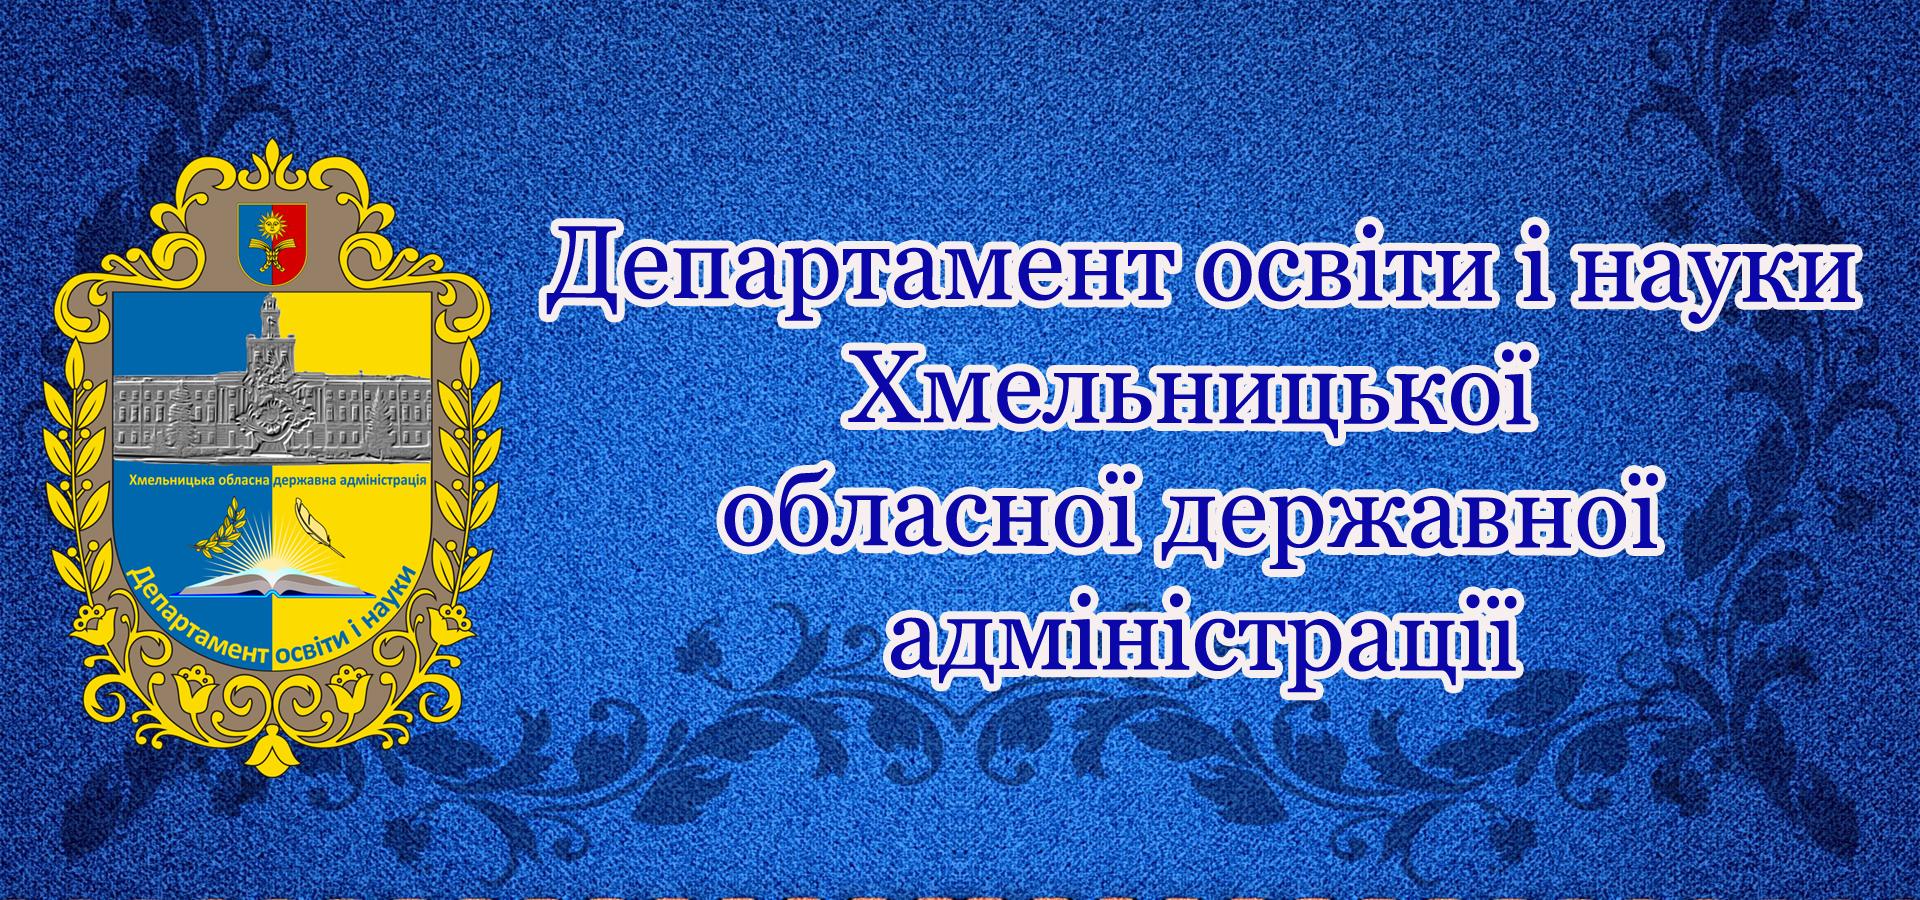 Департамент освіти і науки Хмельницької ОДА